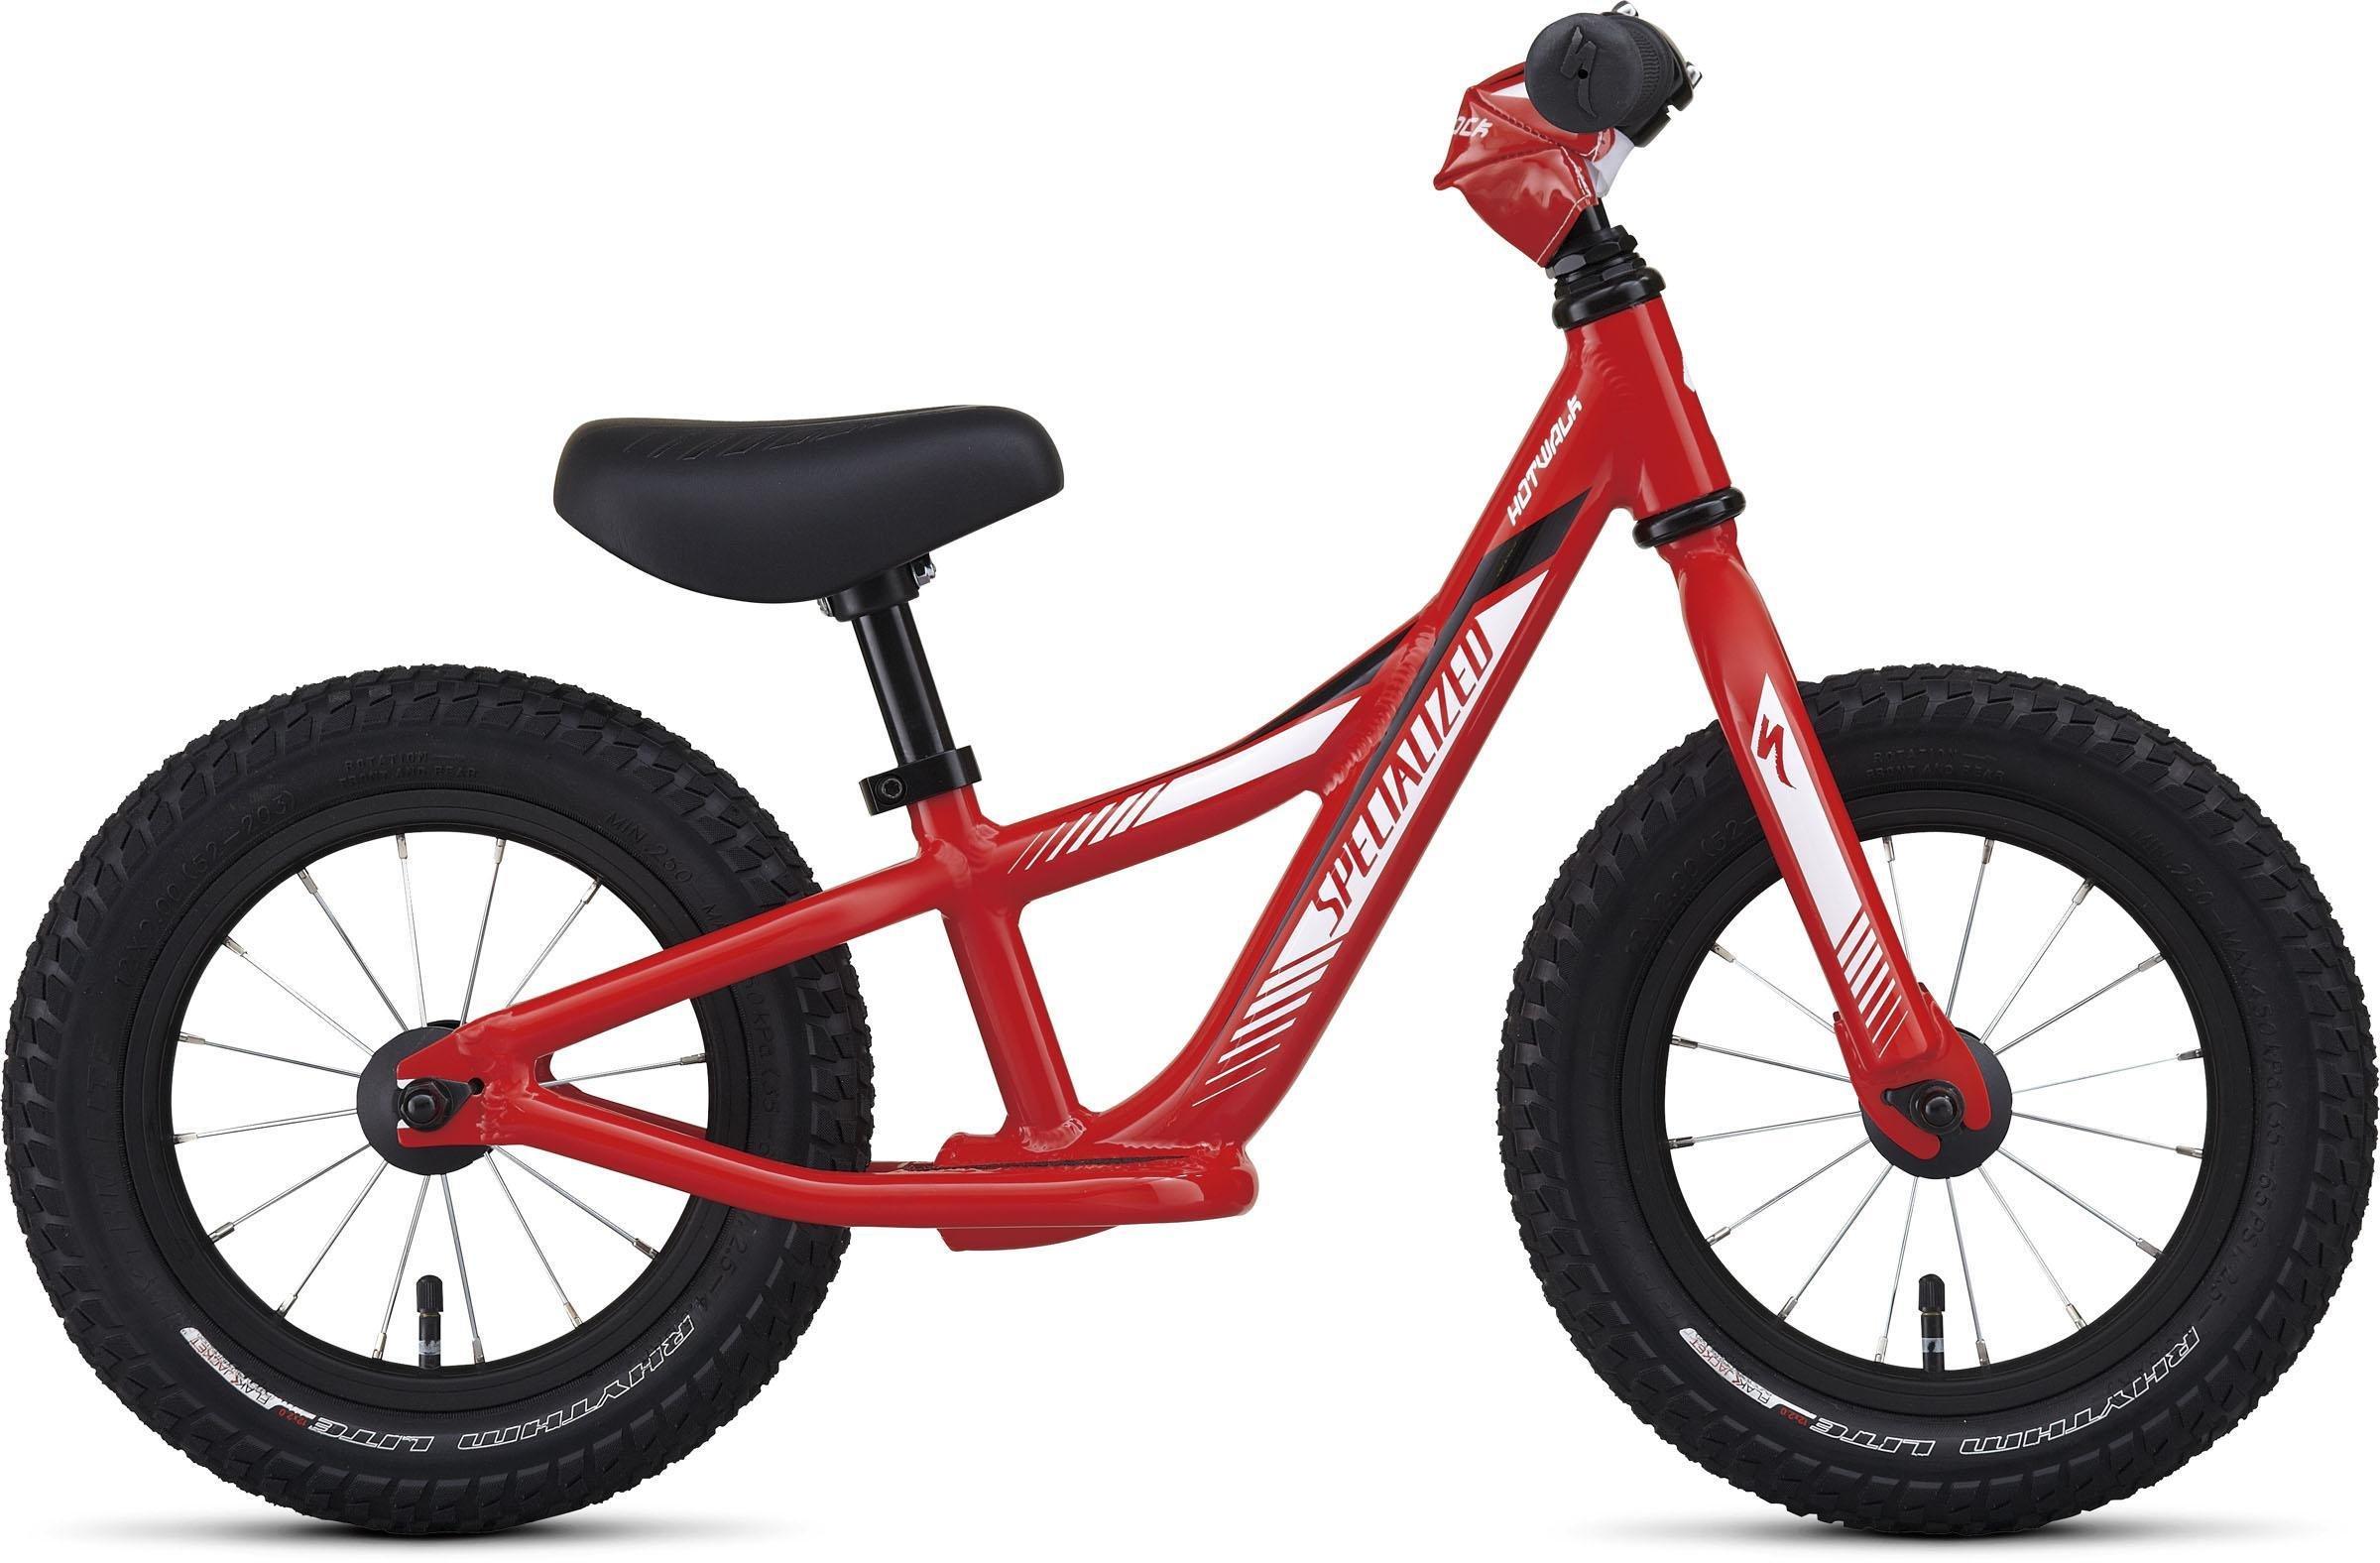 888d104d9 Bicicleta infantil  tudo que você precisa saber